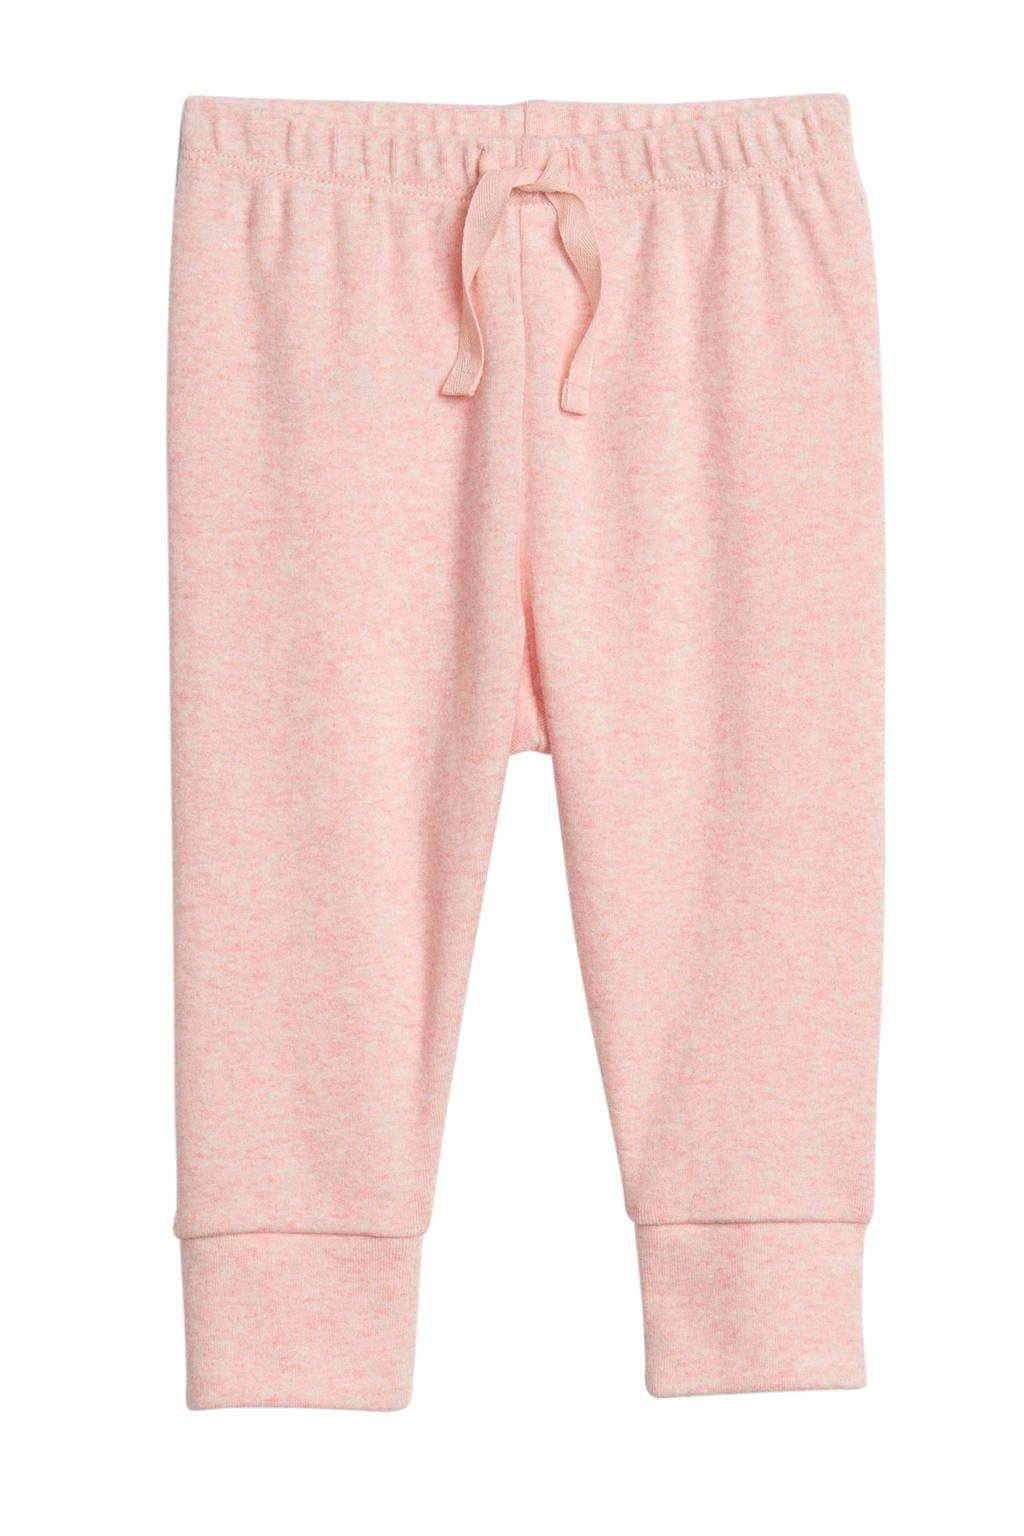 GAP baby gemêleerde broek roze melange, Roze melange